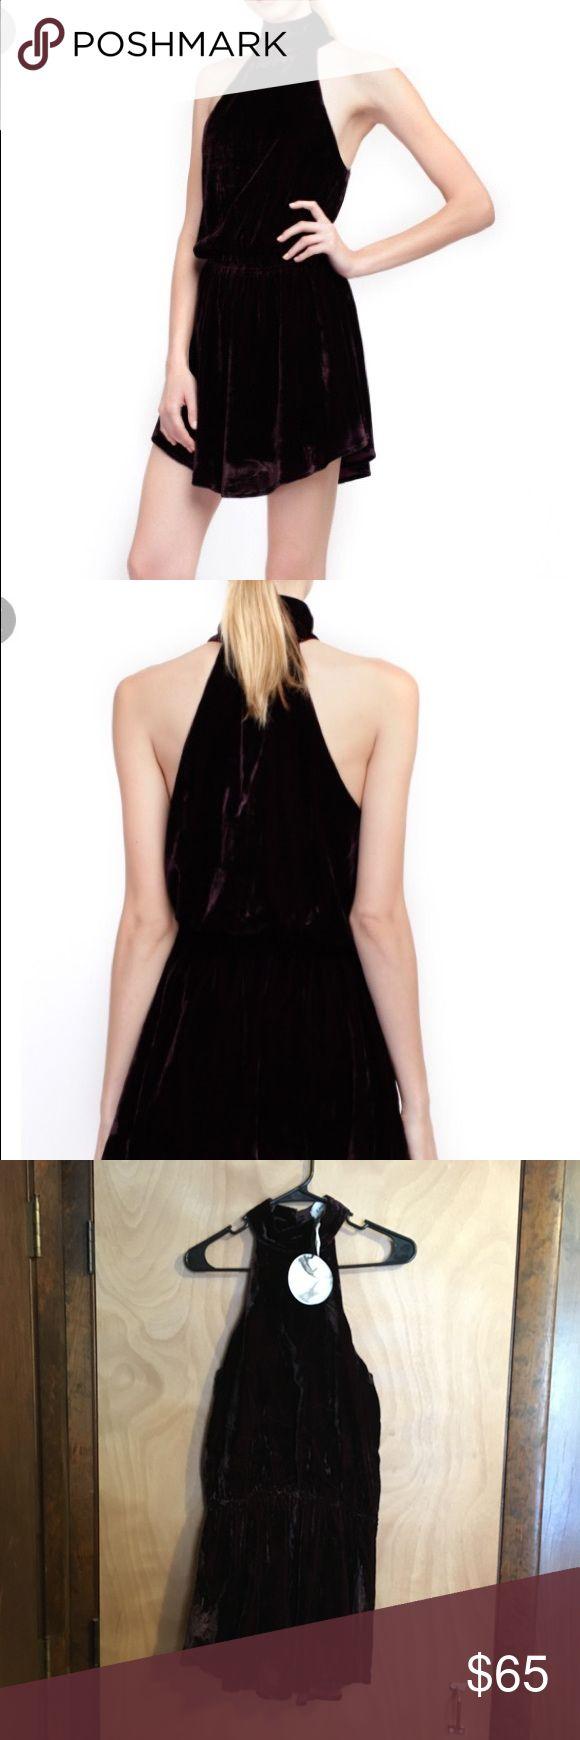 Line & Dot Velvet Dress NWT Gorgeous Line & Dot Velvet Dress Color Described as Garnet  Make an Offer! Line & Dot Dresses Mini